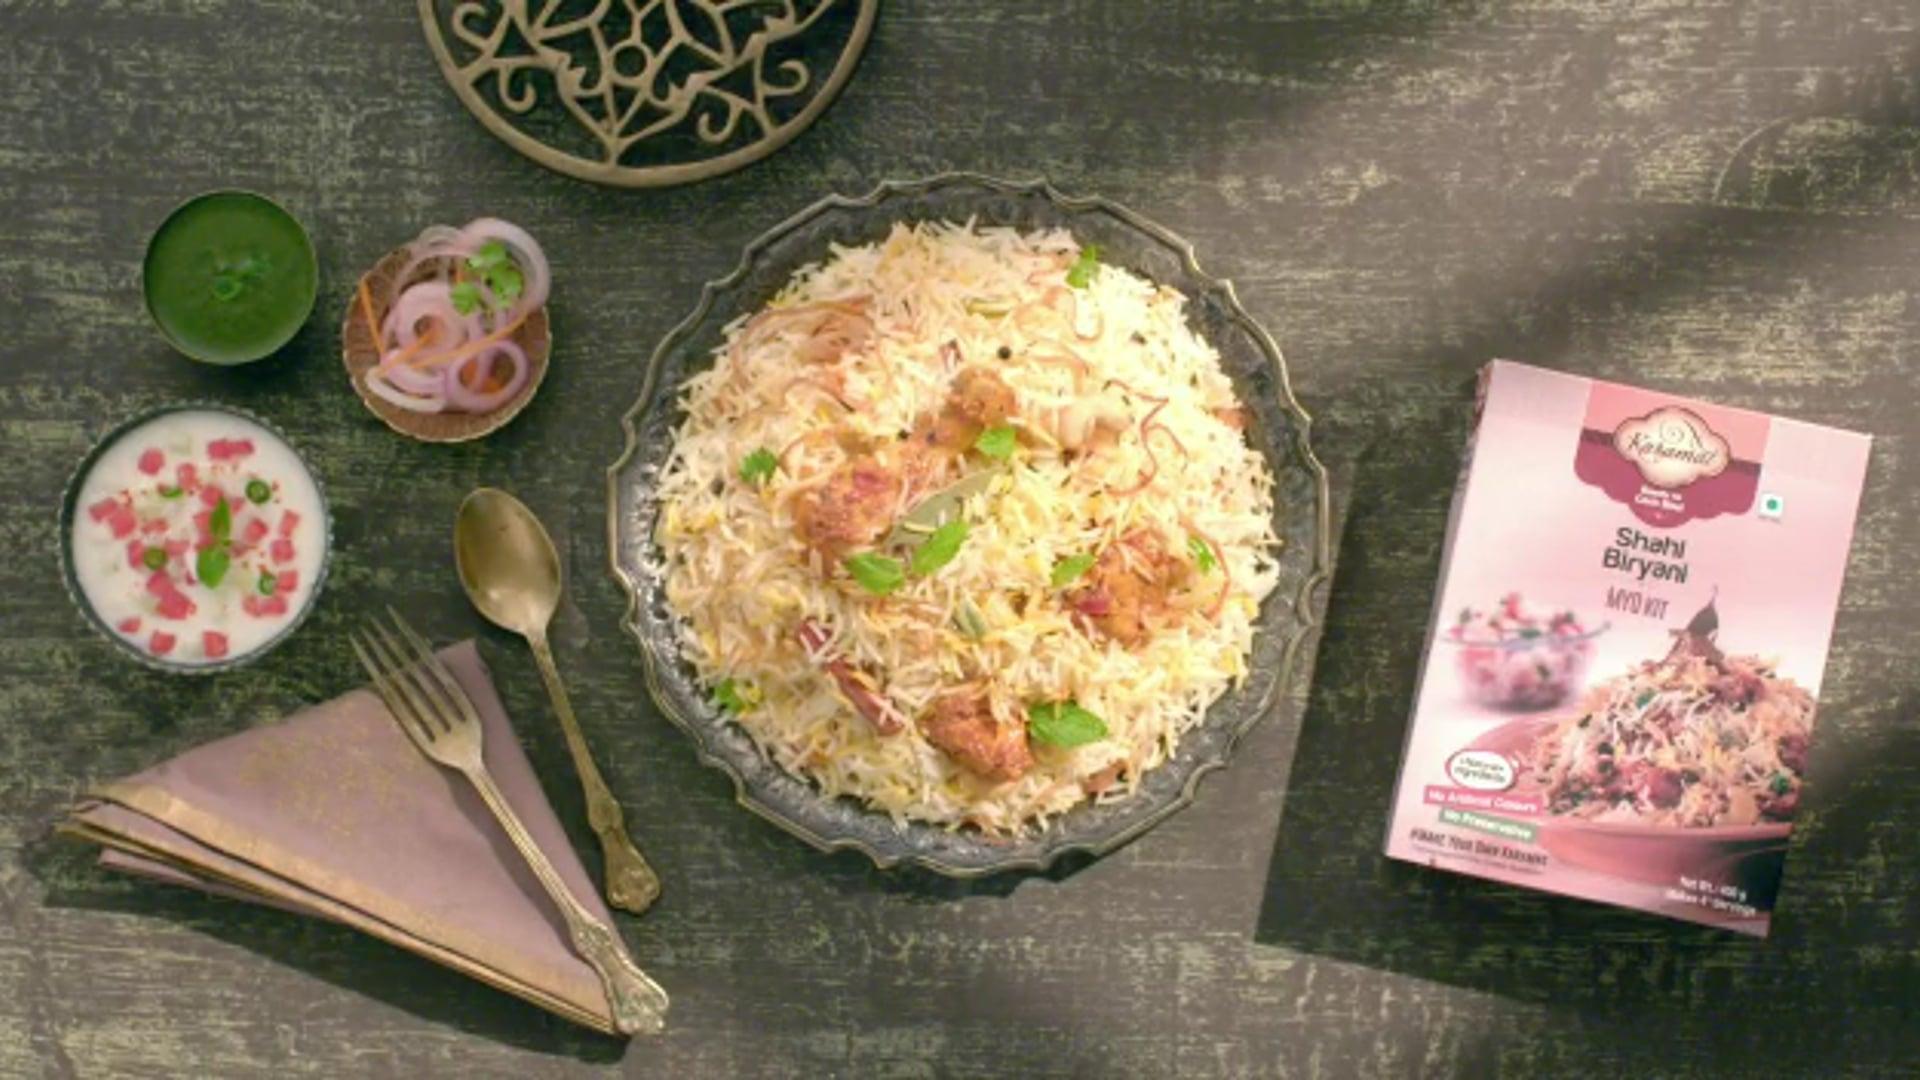 Karamat - Shahi Biryani Mix